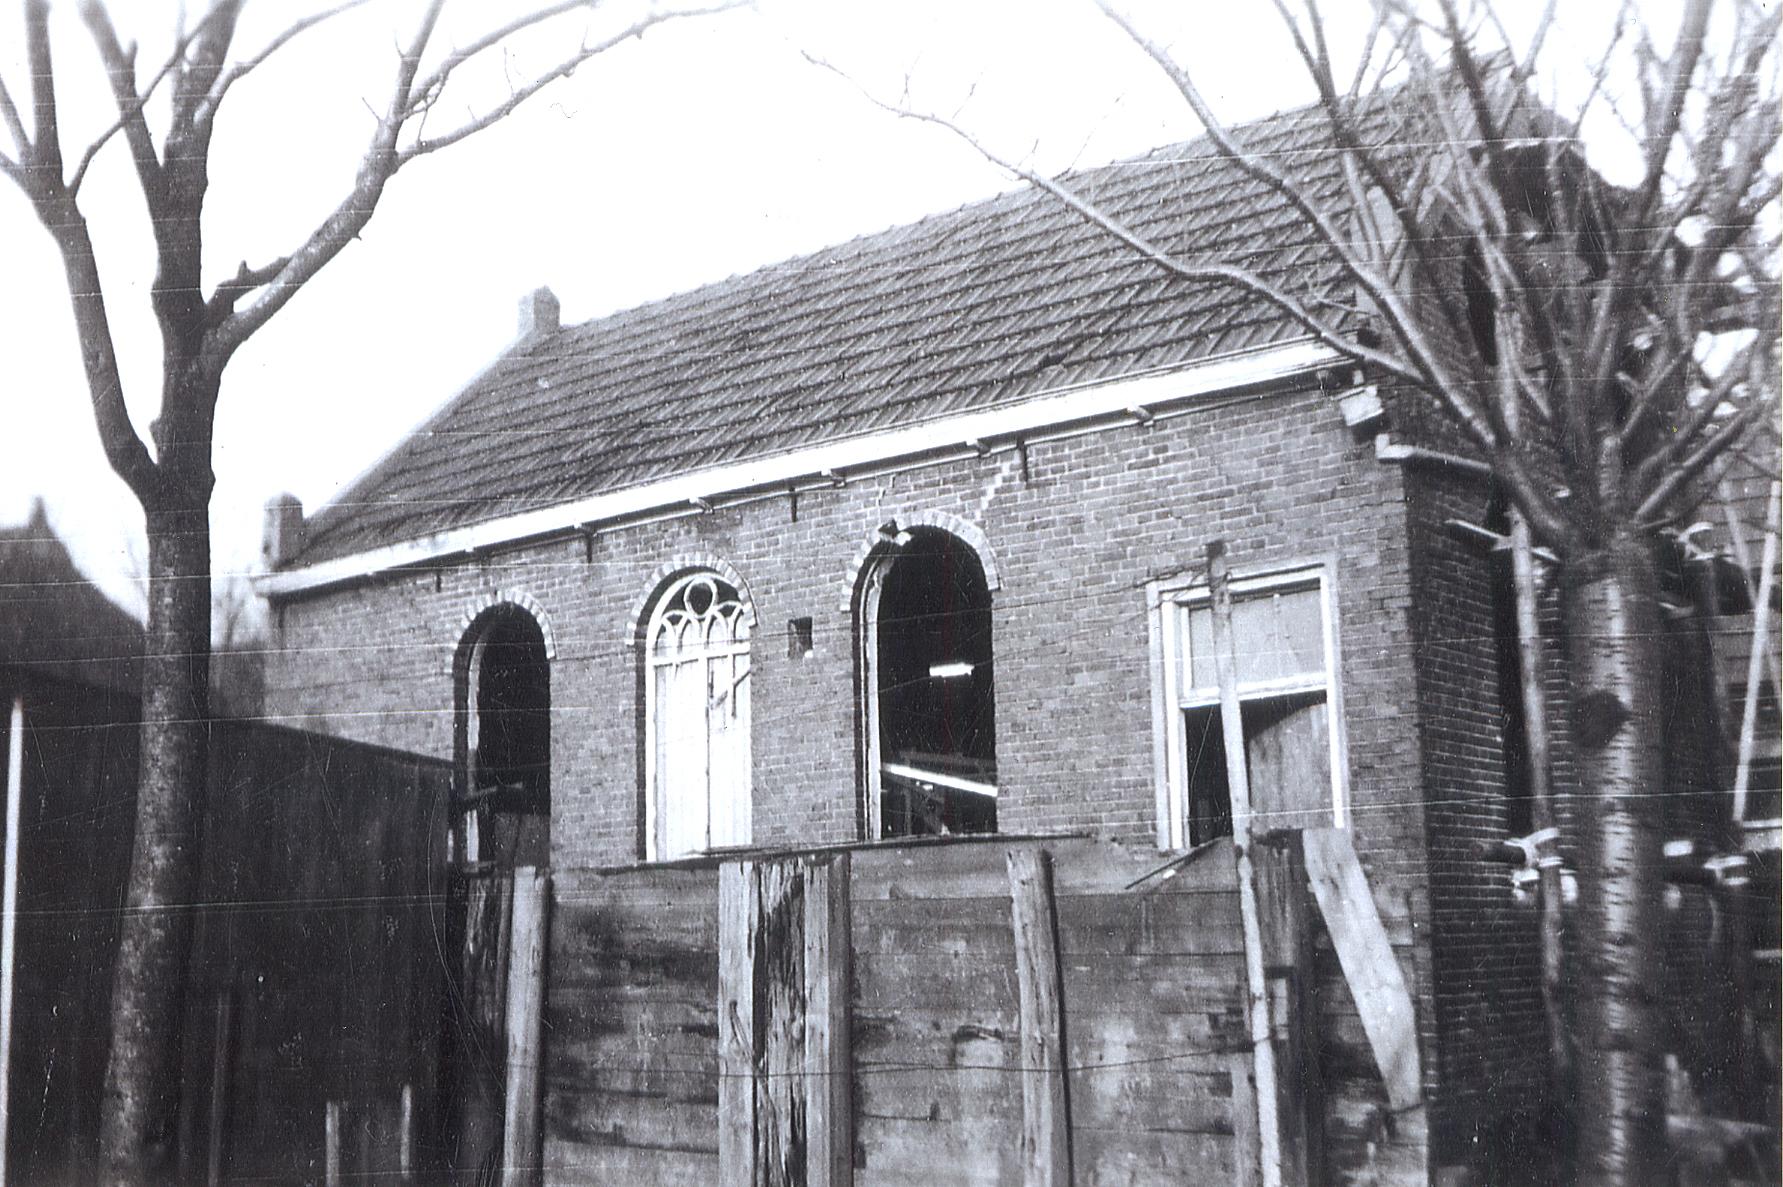 La synagogue de la ville de Leens photographiée vers 1945. Les fenêtres ont été vandalisées pendant l'occupation allemande des Pays-Bas.